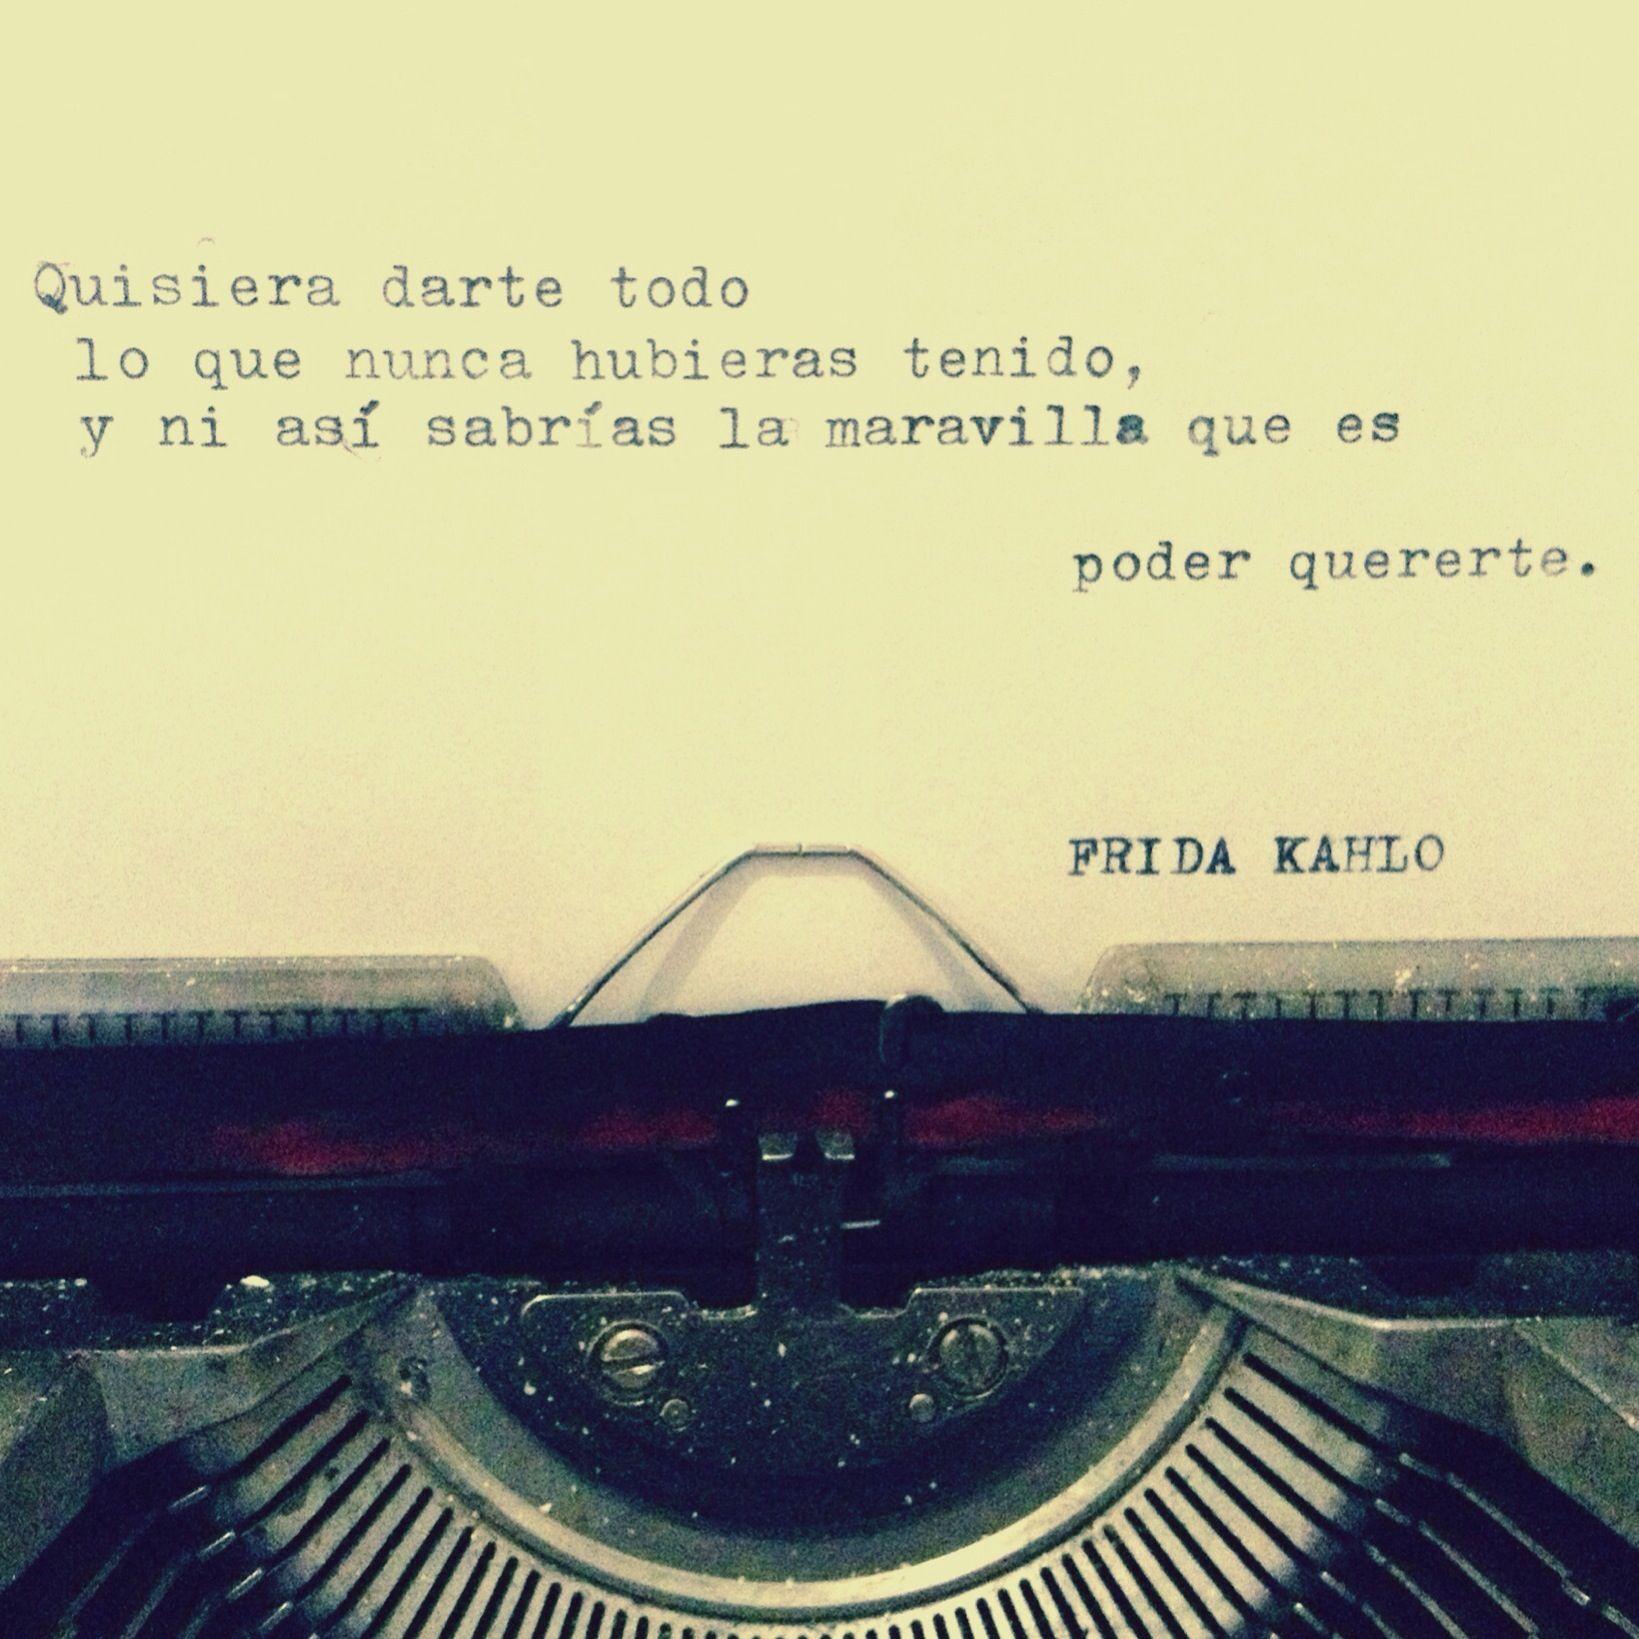 Frida Kahlo Love Quotes Awesome ❤ #frida #kahlo #love  D  Pinterest  Frida Kahlo Beautiful